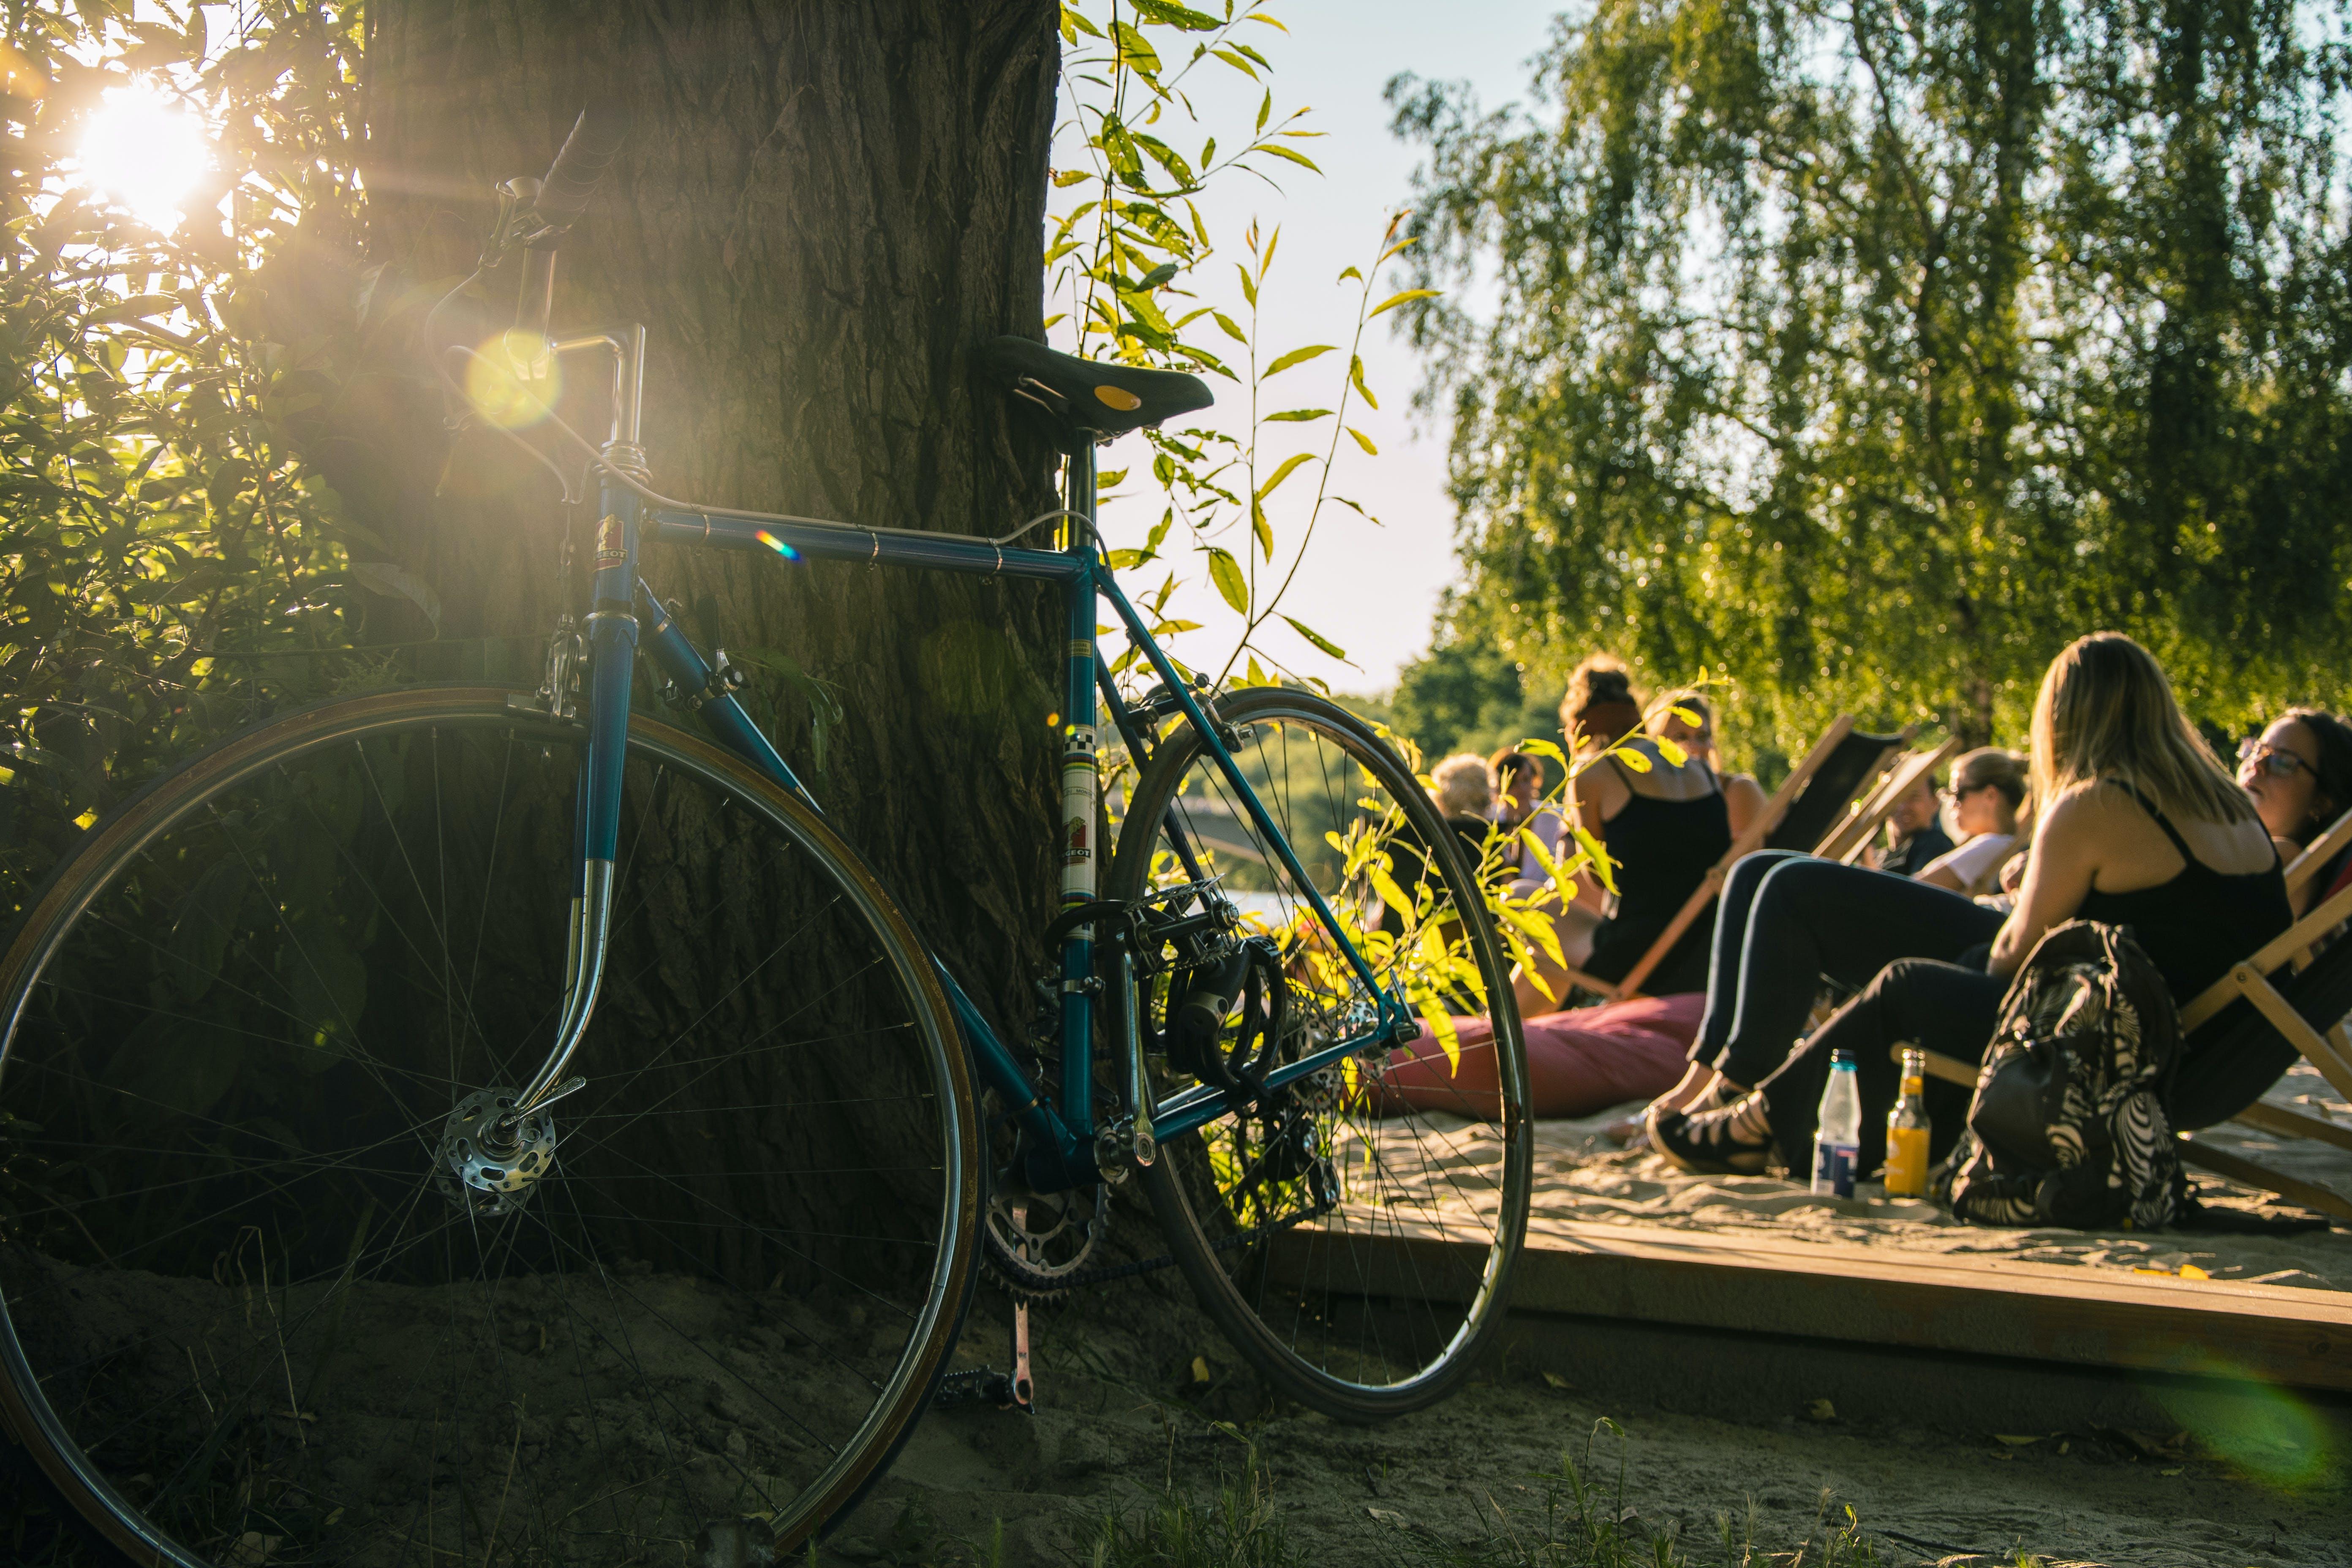 bäume, fahrrad, farben